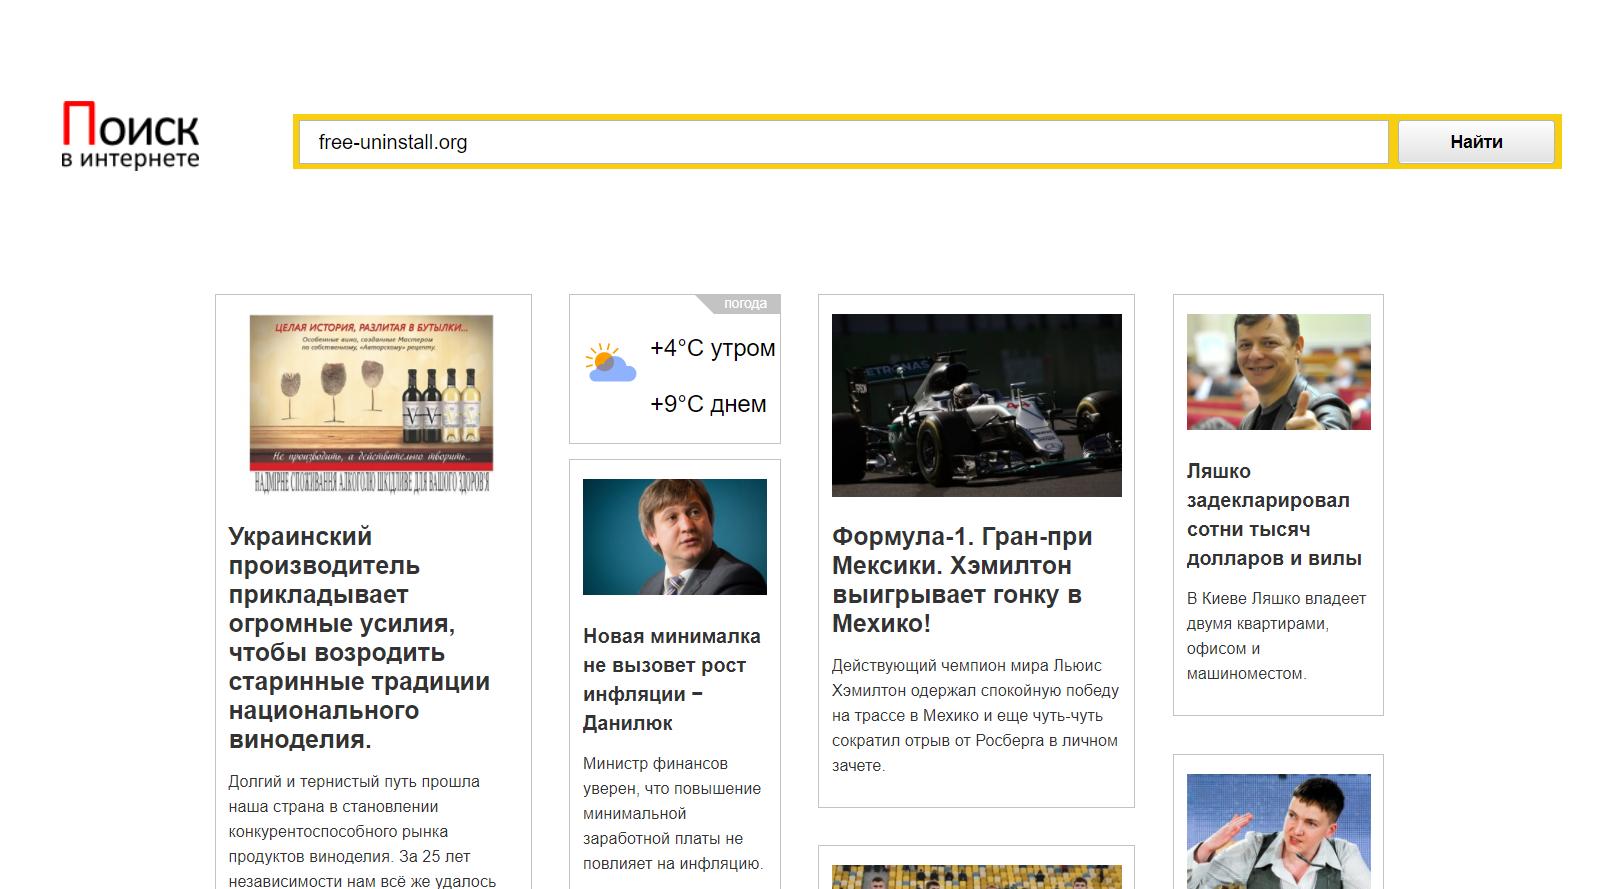 100newsup.net Hijacker